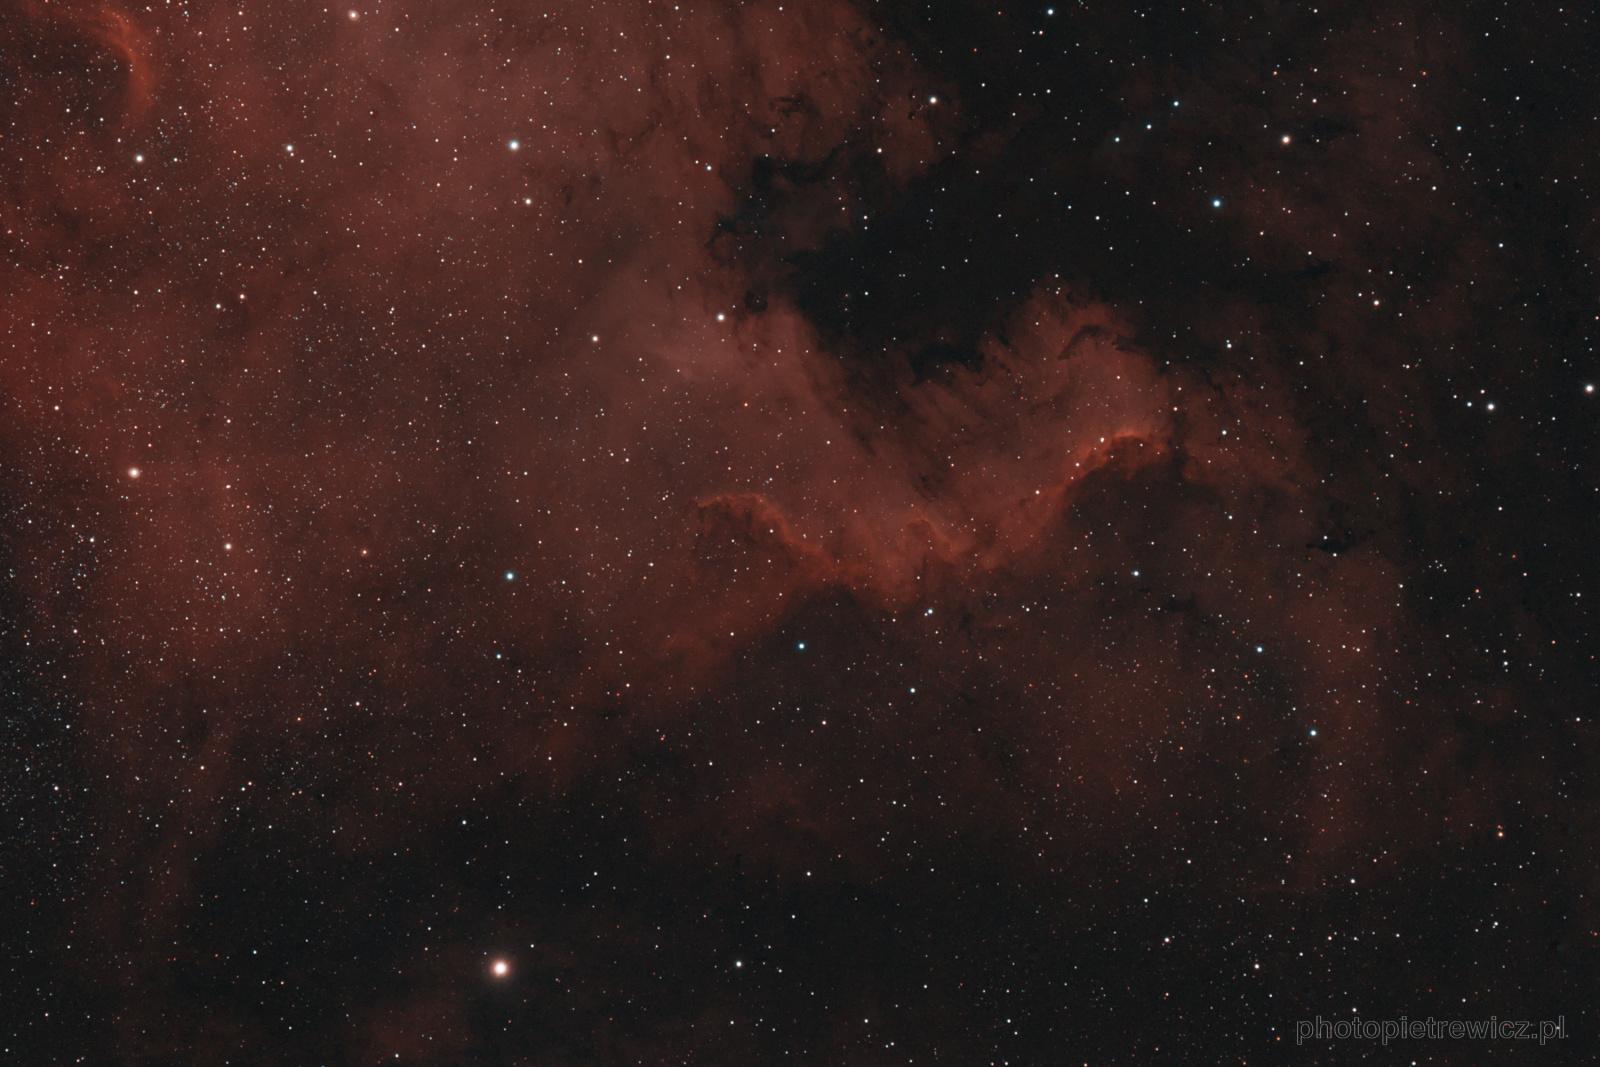 Cygnus_wall_fb.thumb.jpg.34dda1cbe77db59878c734854501b50c.jpg